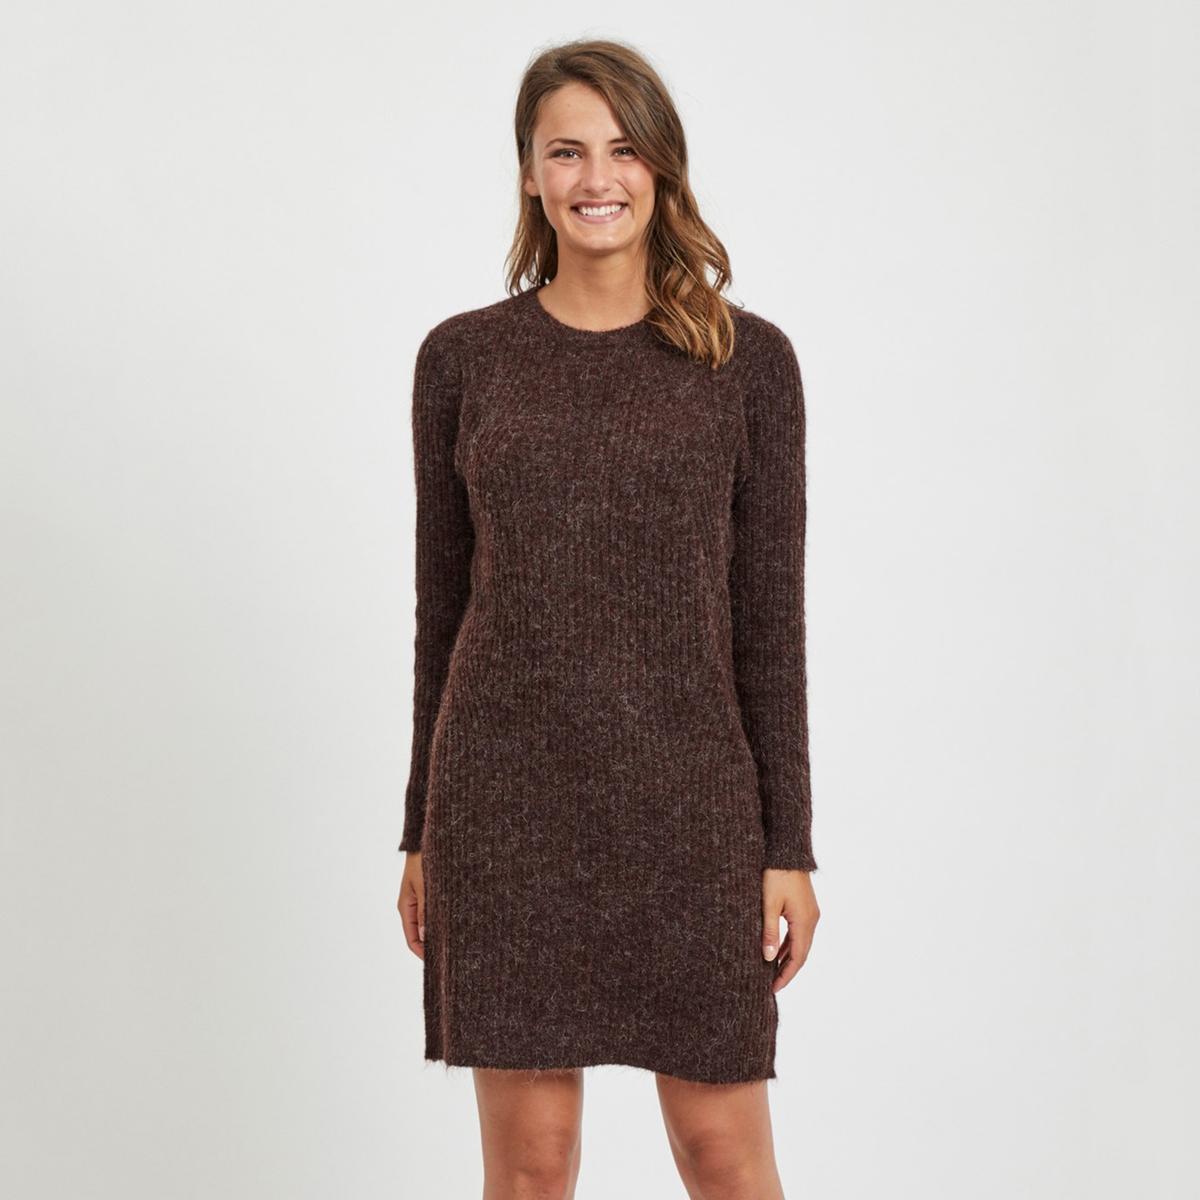 цена Платье-пуловер La Redoute С длинными рукавами короткое M каштановый онлайн в 2017 году